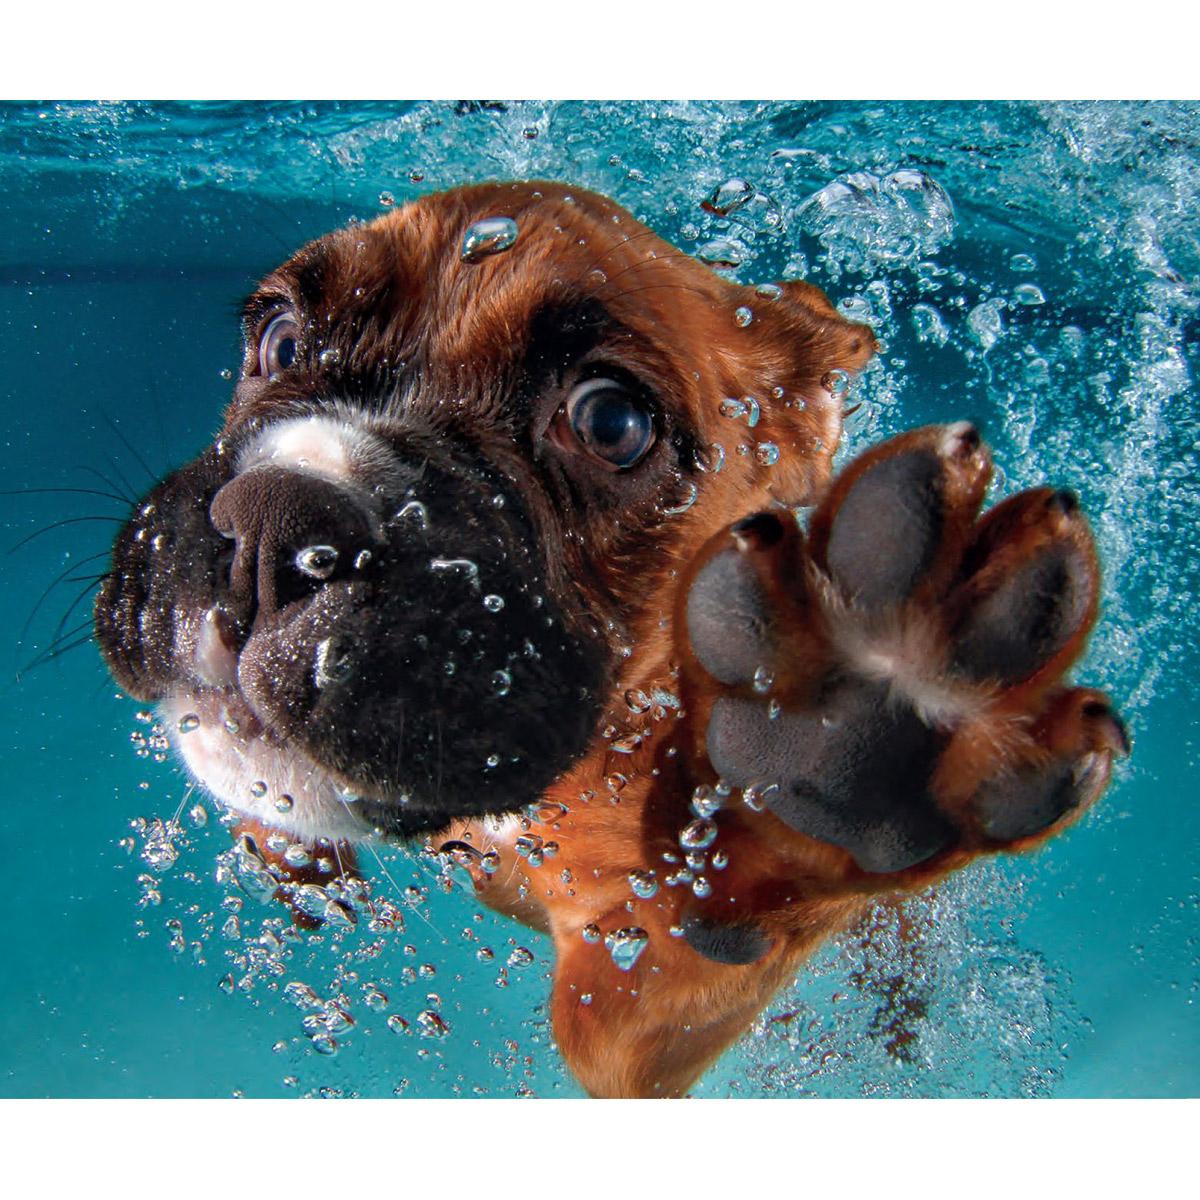 Seth Casteel. Underwater Puppies